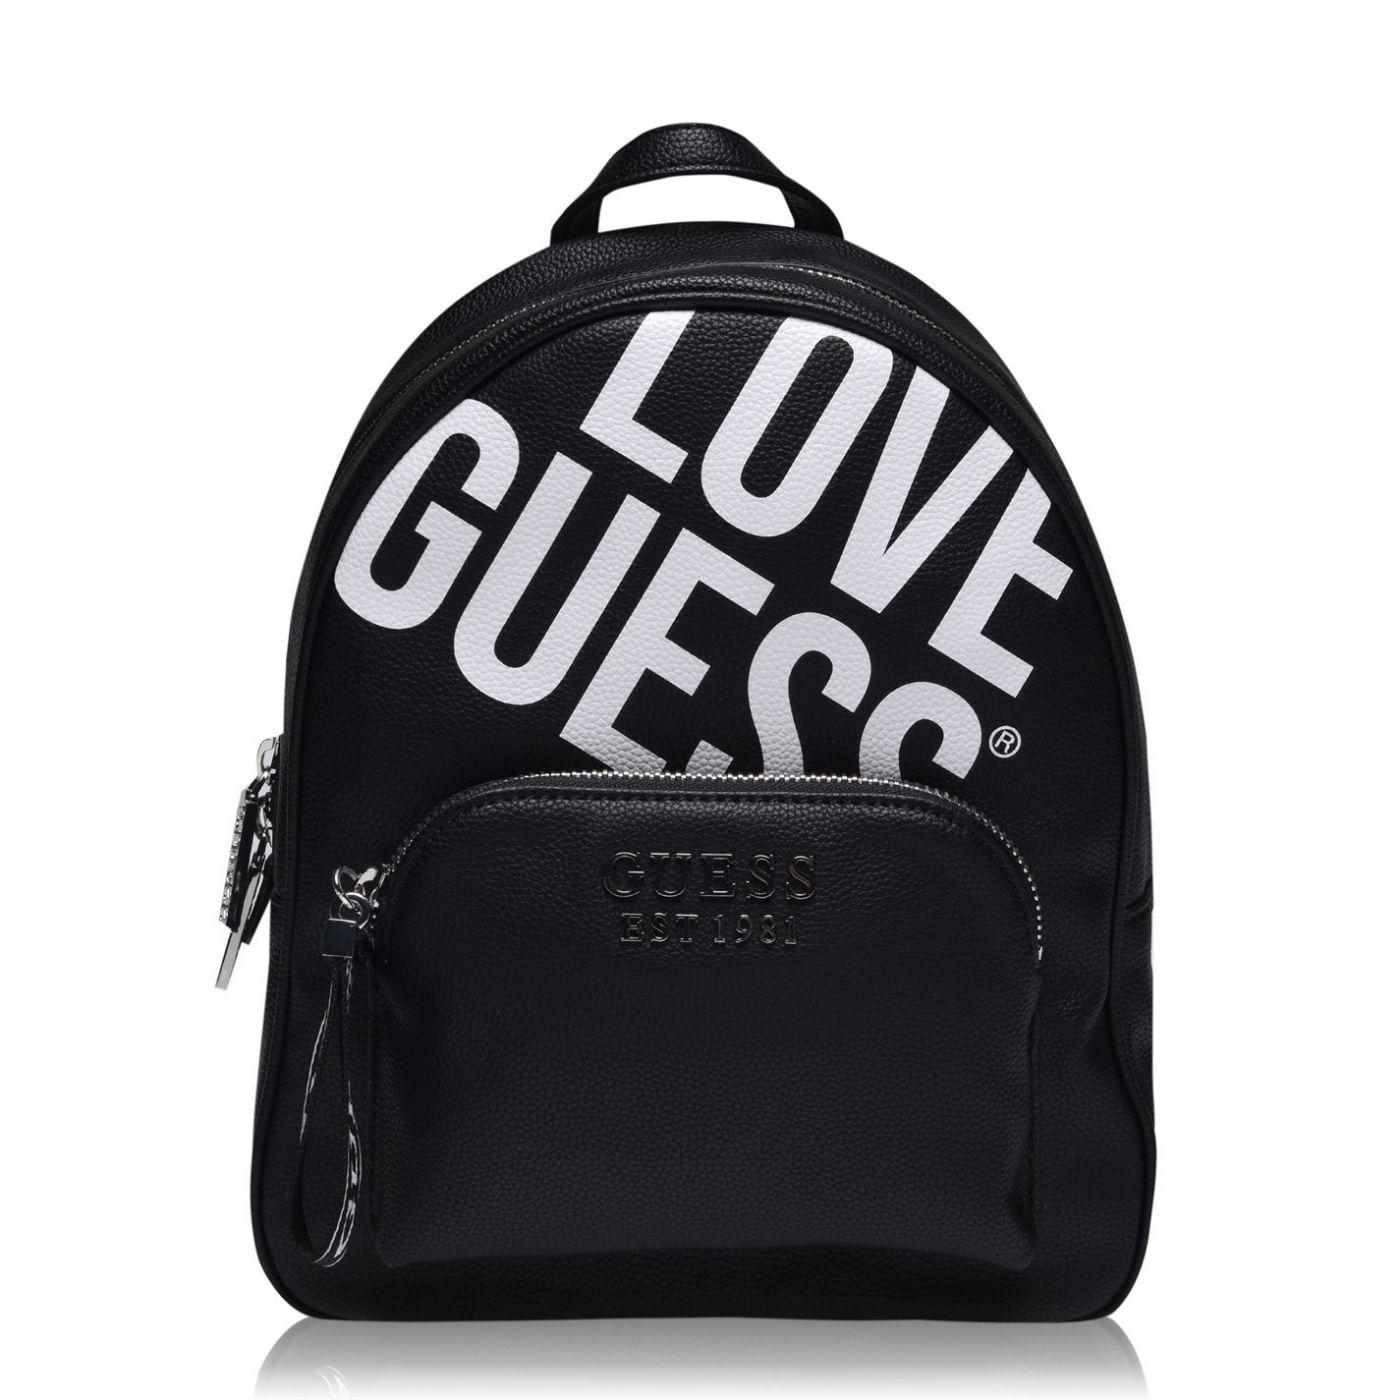 Guess Haidee Logo Backpack